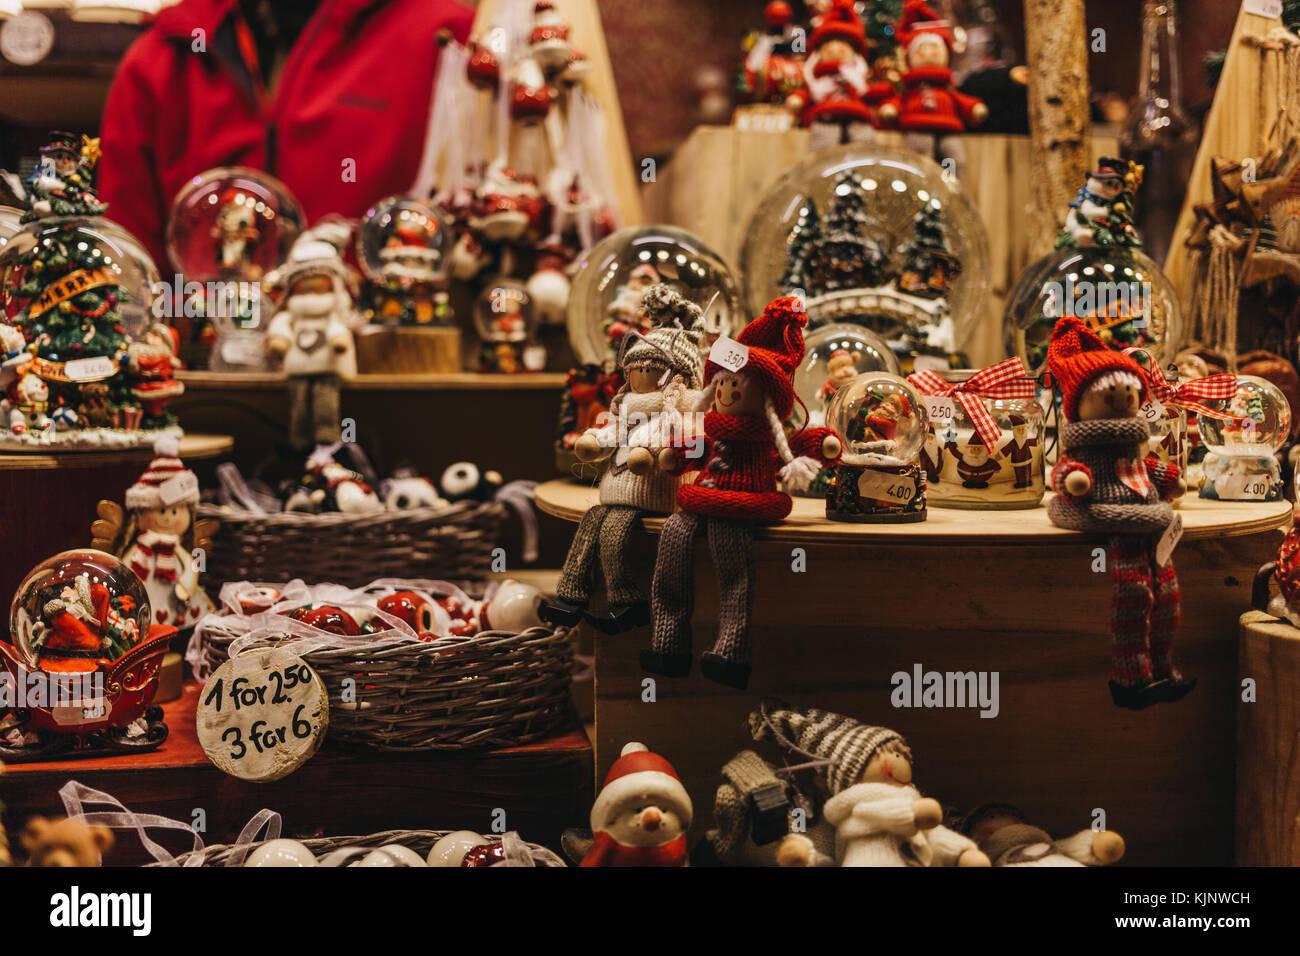 Weihnachten Und Christbaumschmuck Auf Verkauf Zu Einem Im Winter